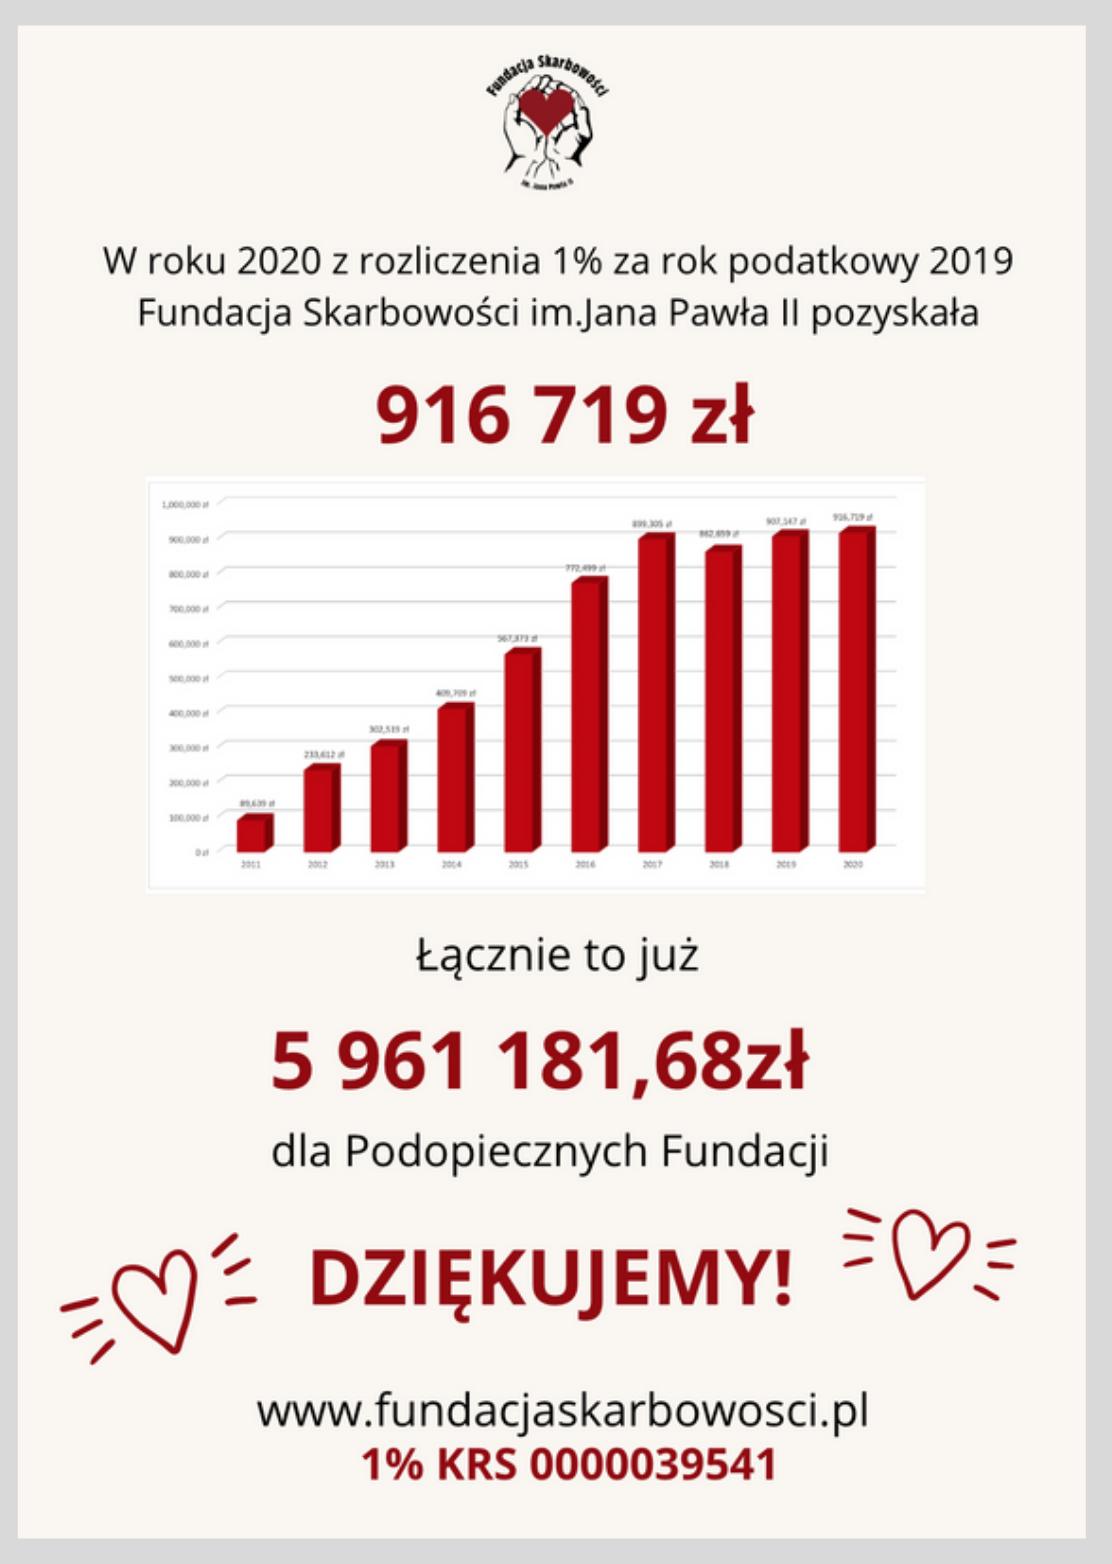 916 719 zł z 1% za rok podatkowy 2019! Dziękujemy!